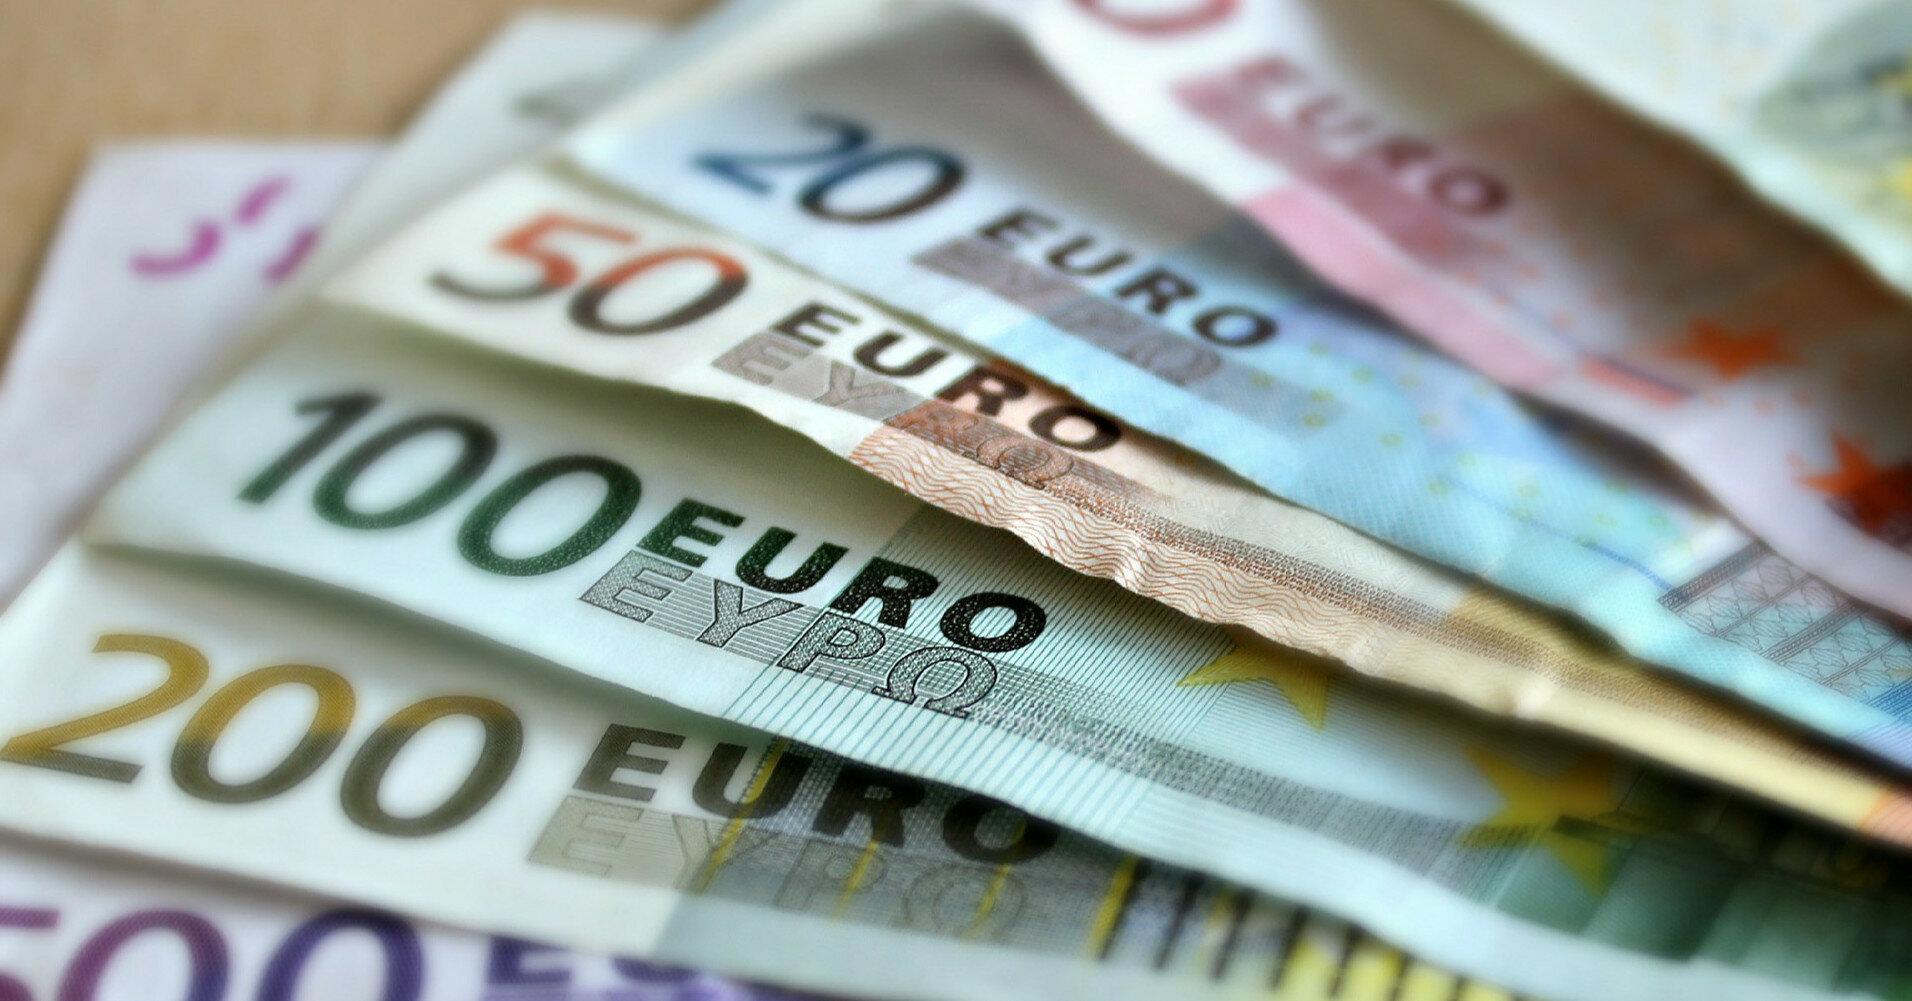 Европа сделала первые шаги к цифровому евро